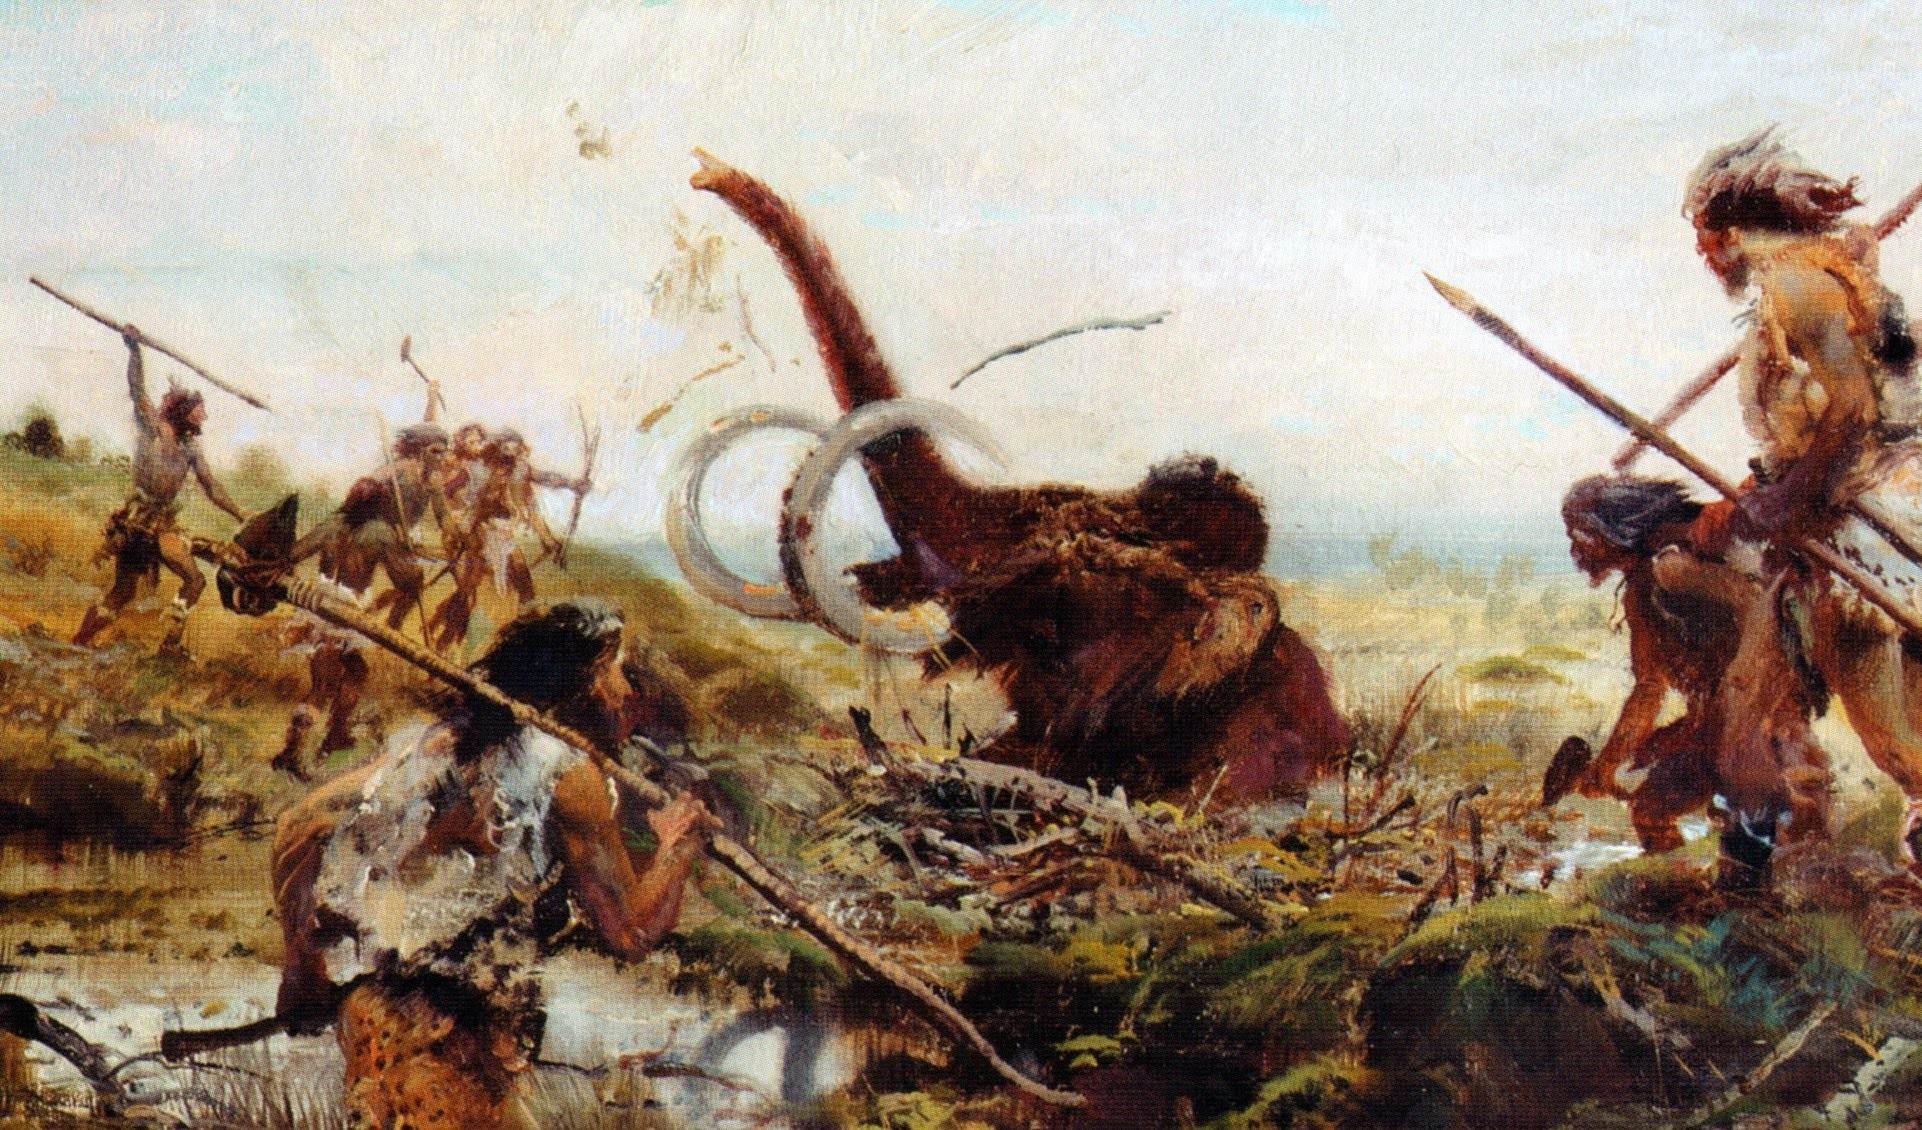 A estrutura corporal de nossos antepassados era mais desenvolvida (Foto: Reprodução)